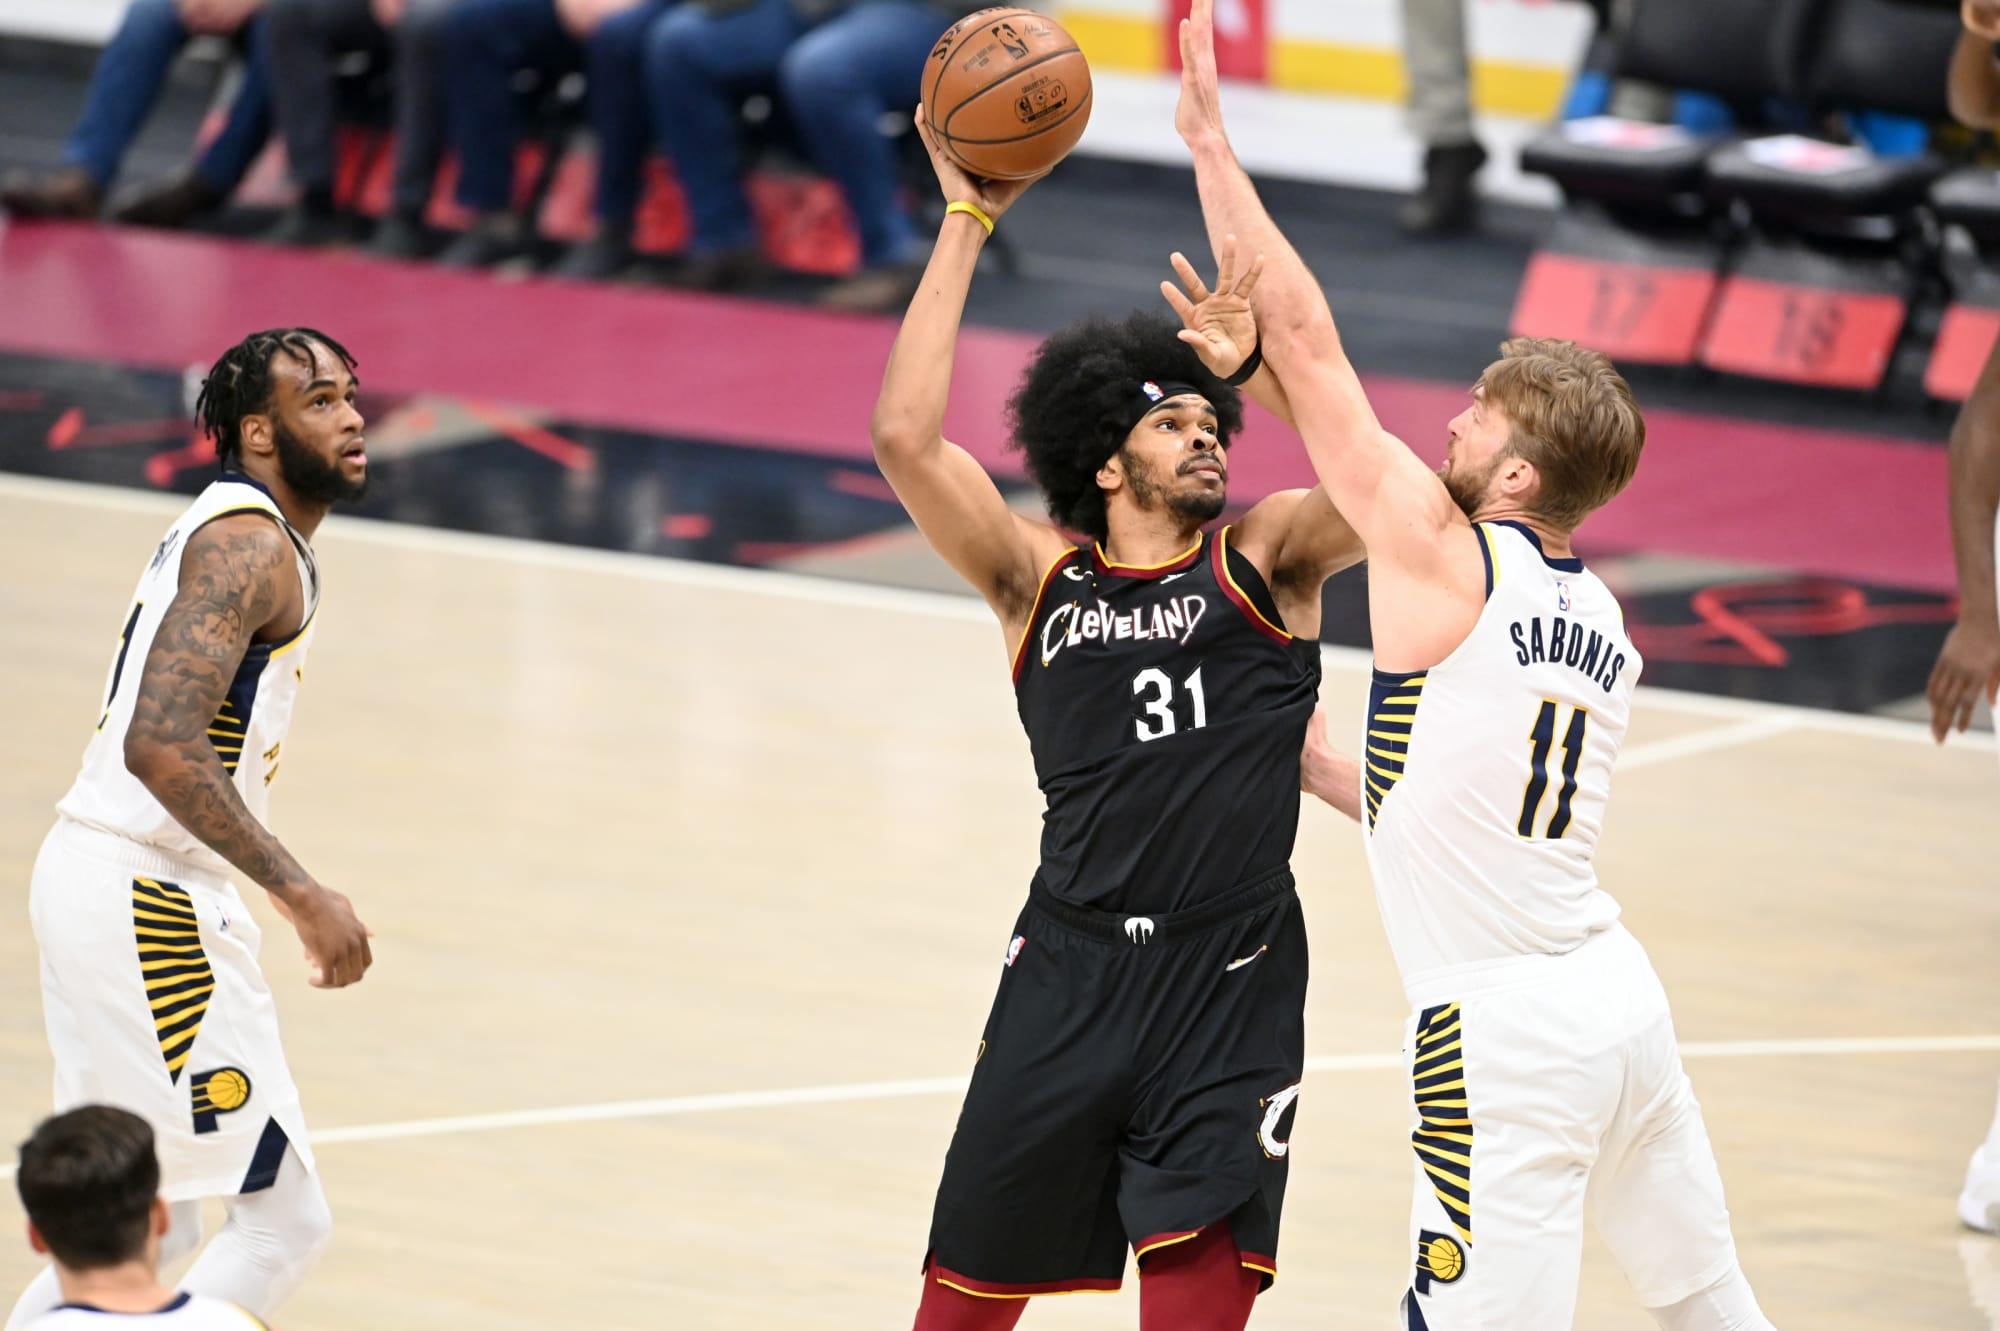 Toronto Raptors must pursue free agent center Jarrett Allen